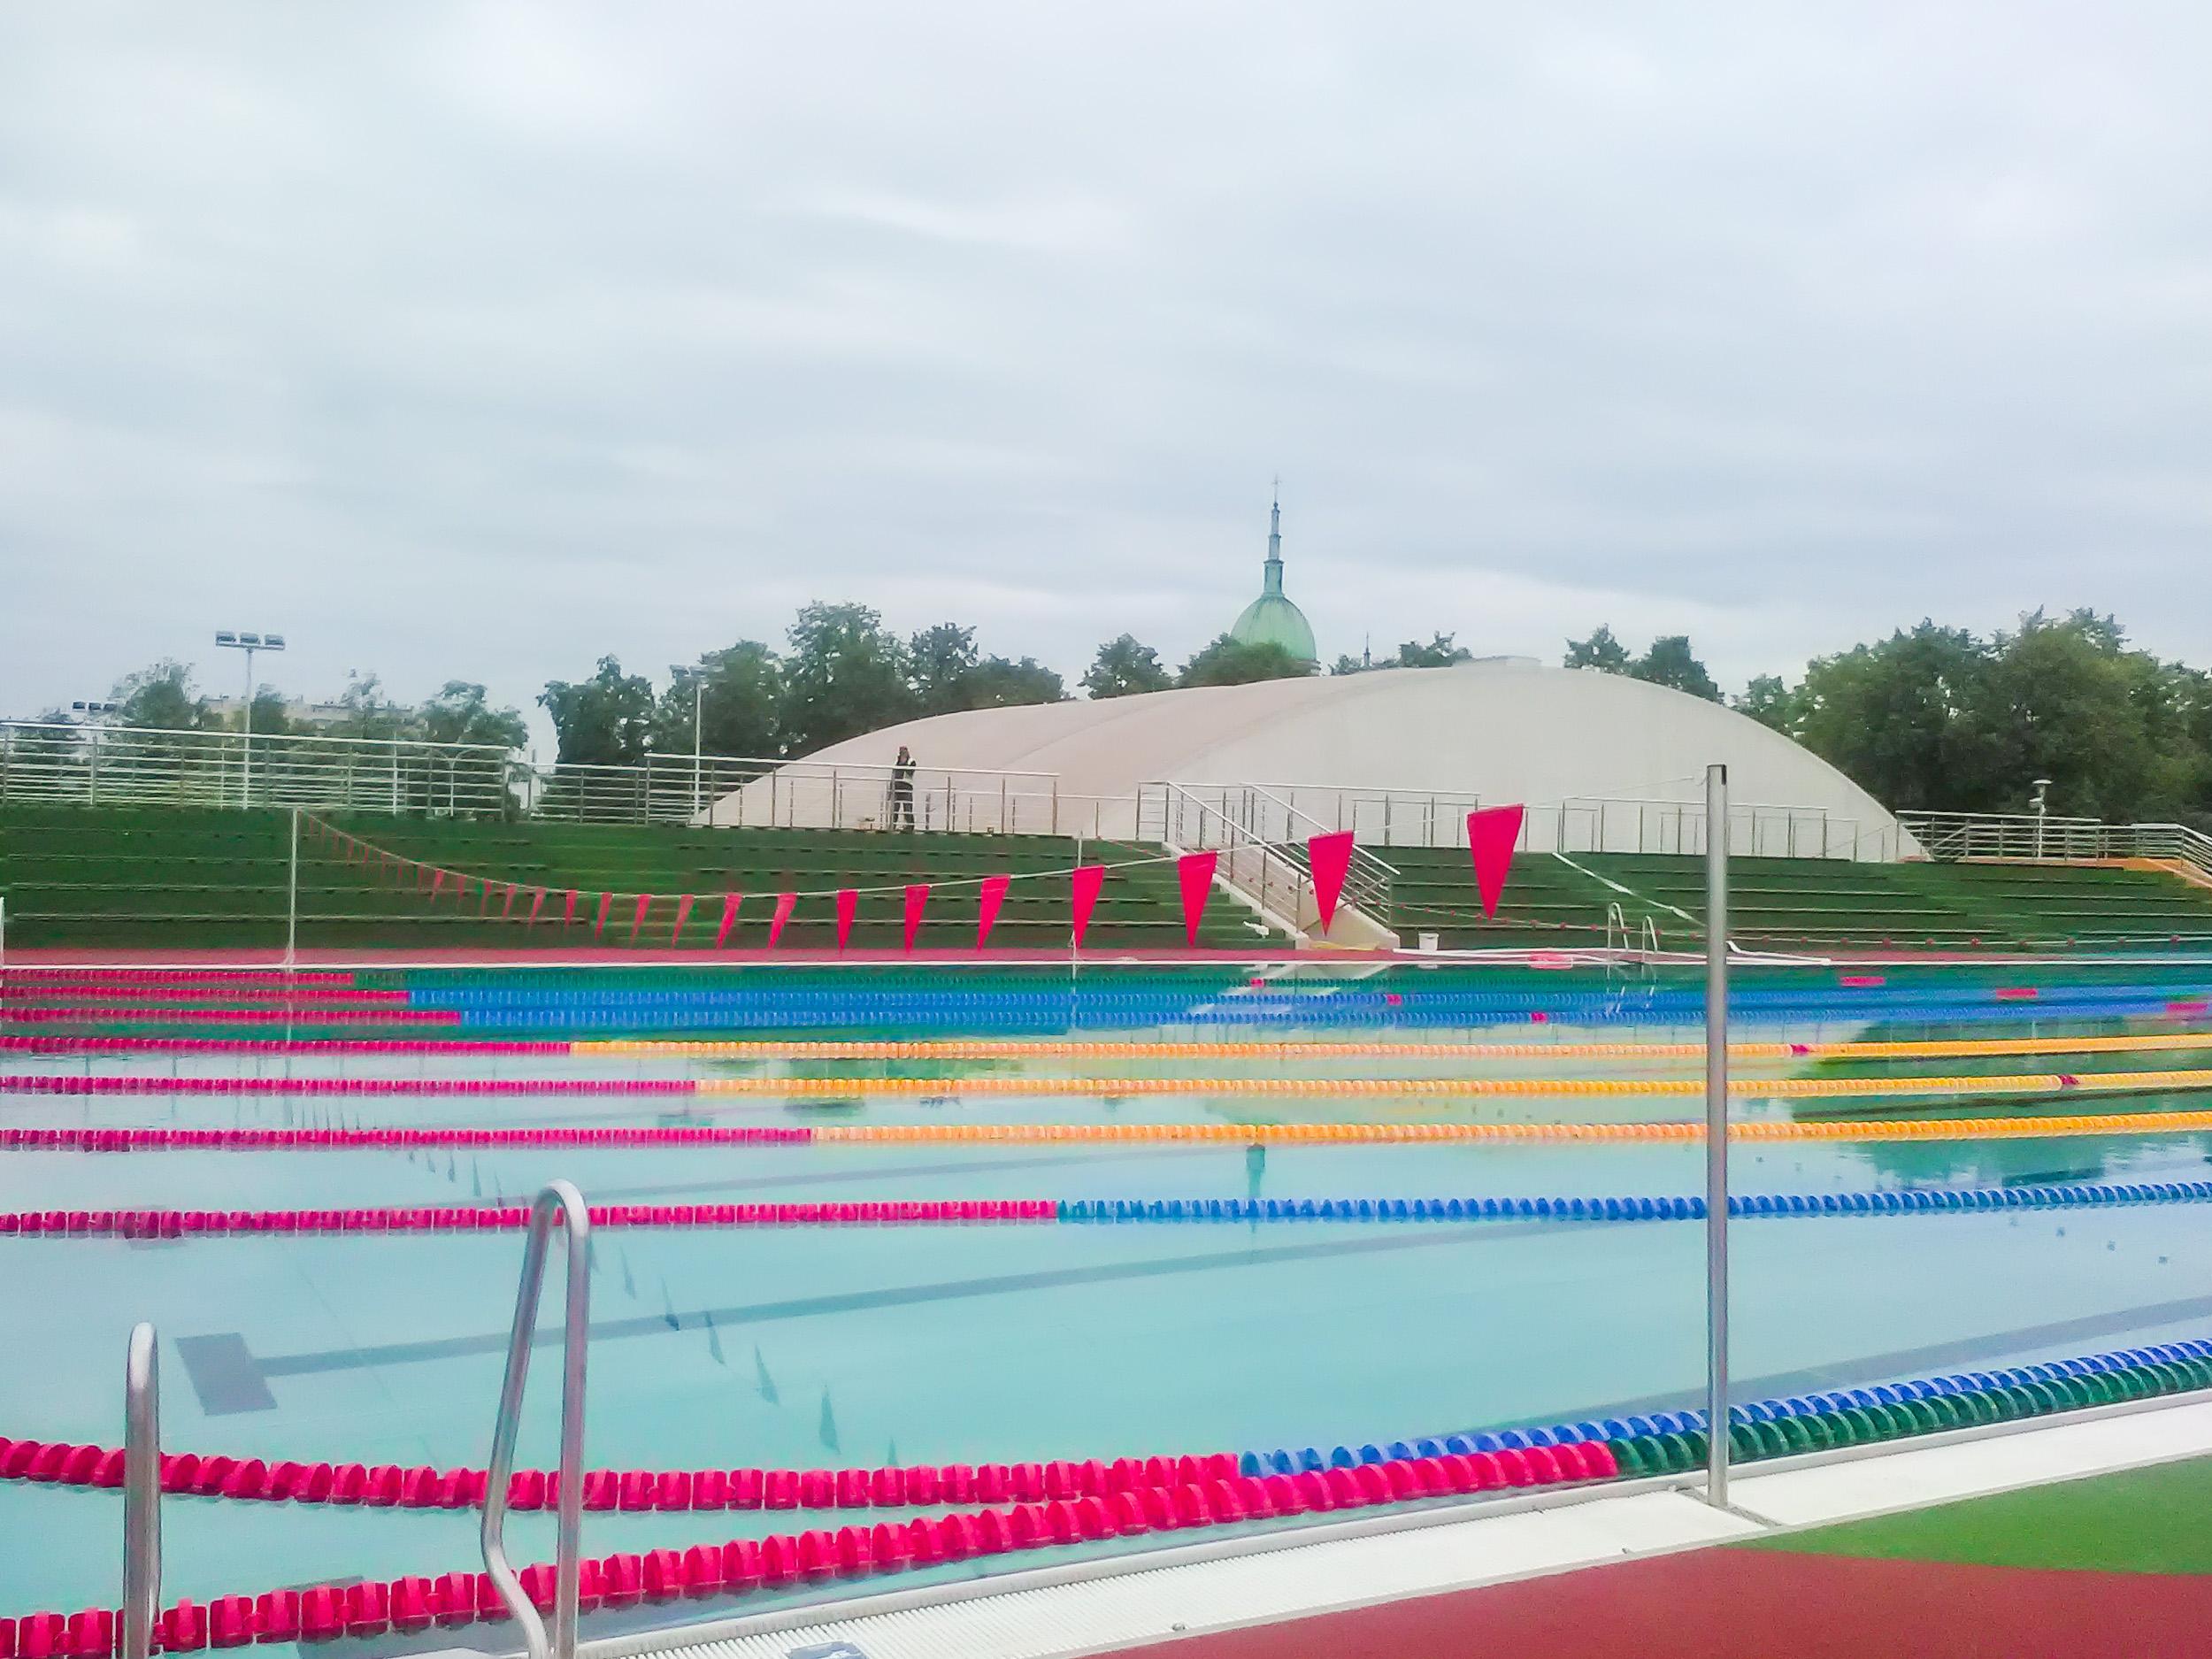 W czwartek otwarcie basenów ROSiR. Do niedzieli wstęp za darmo! Znamy ceny biletów